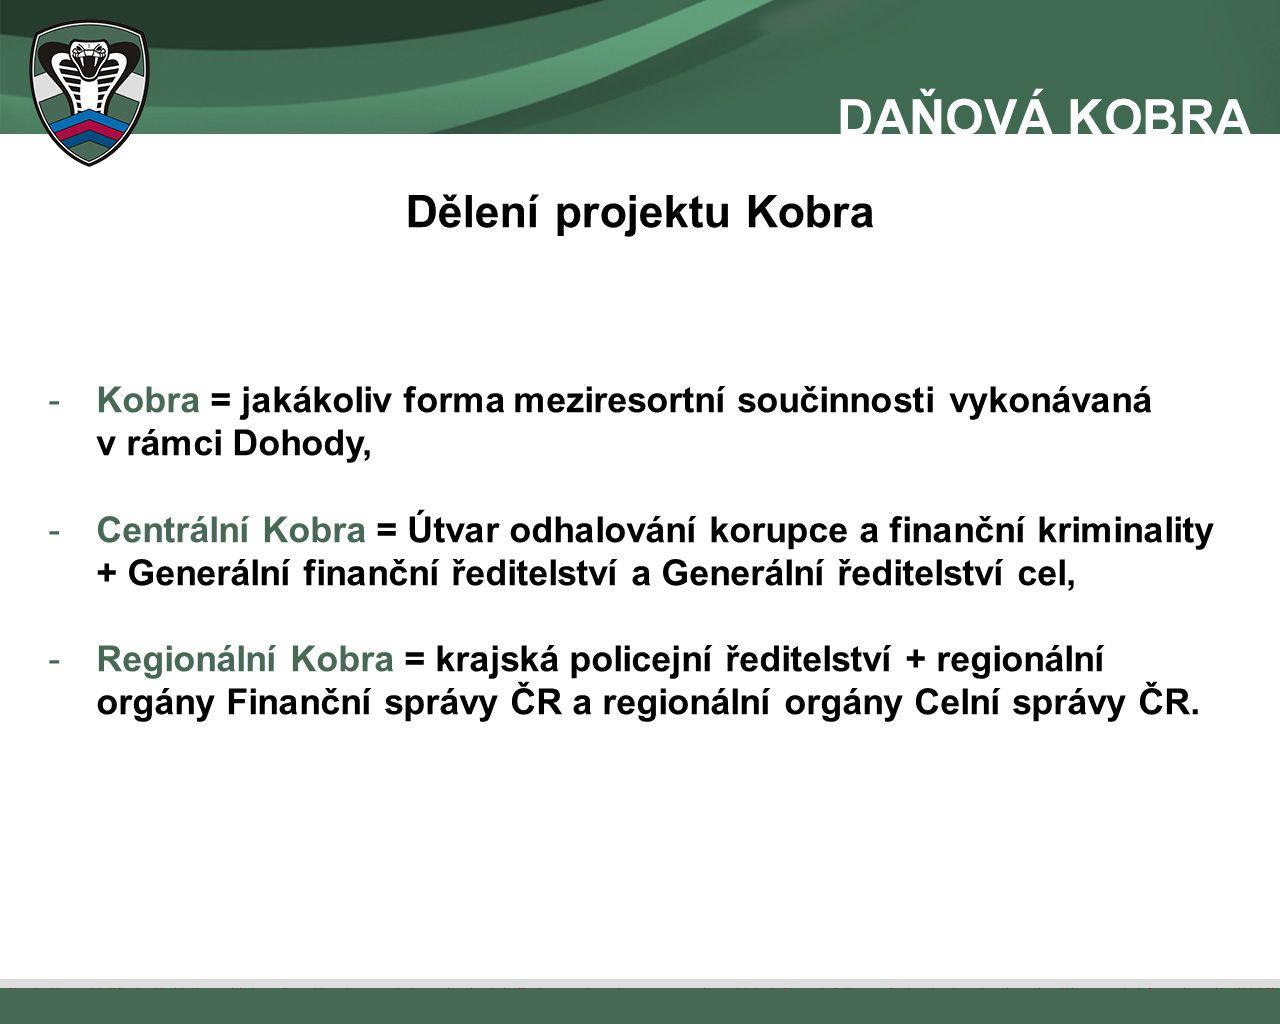 Dělení projektu Kobra -Kobra = jakákoliv forma meziresortní součinnosti vykonávaná v rámci Dohody, -Centrální Kobra = Útvar odhalování korupce a finanční kriminality + Generální finanční ředitelství a Generální ředitelství cel, -Regionální Kobra = krajská policejní ředitelství + regionální orgány Finanční správy ČR a regionální orgány Celní správy ČR.